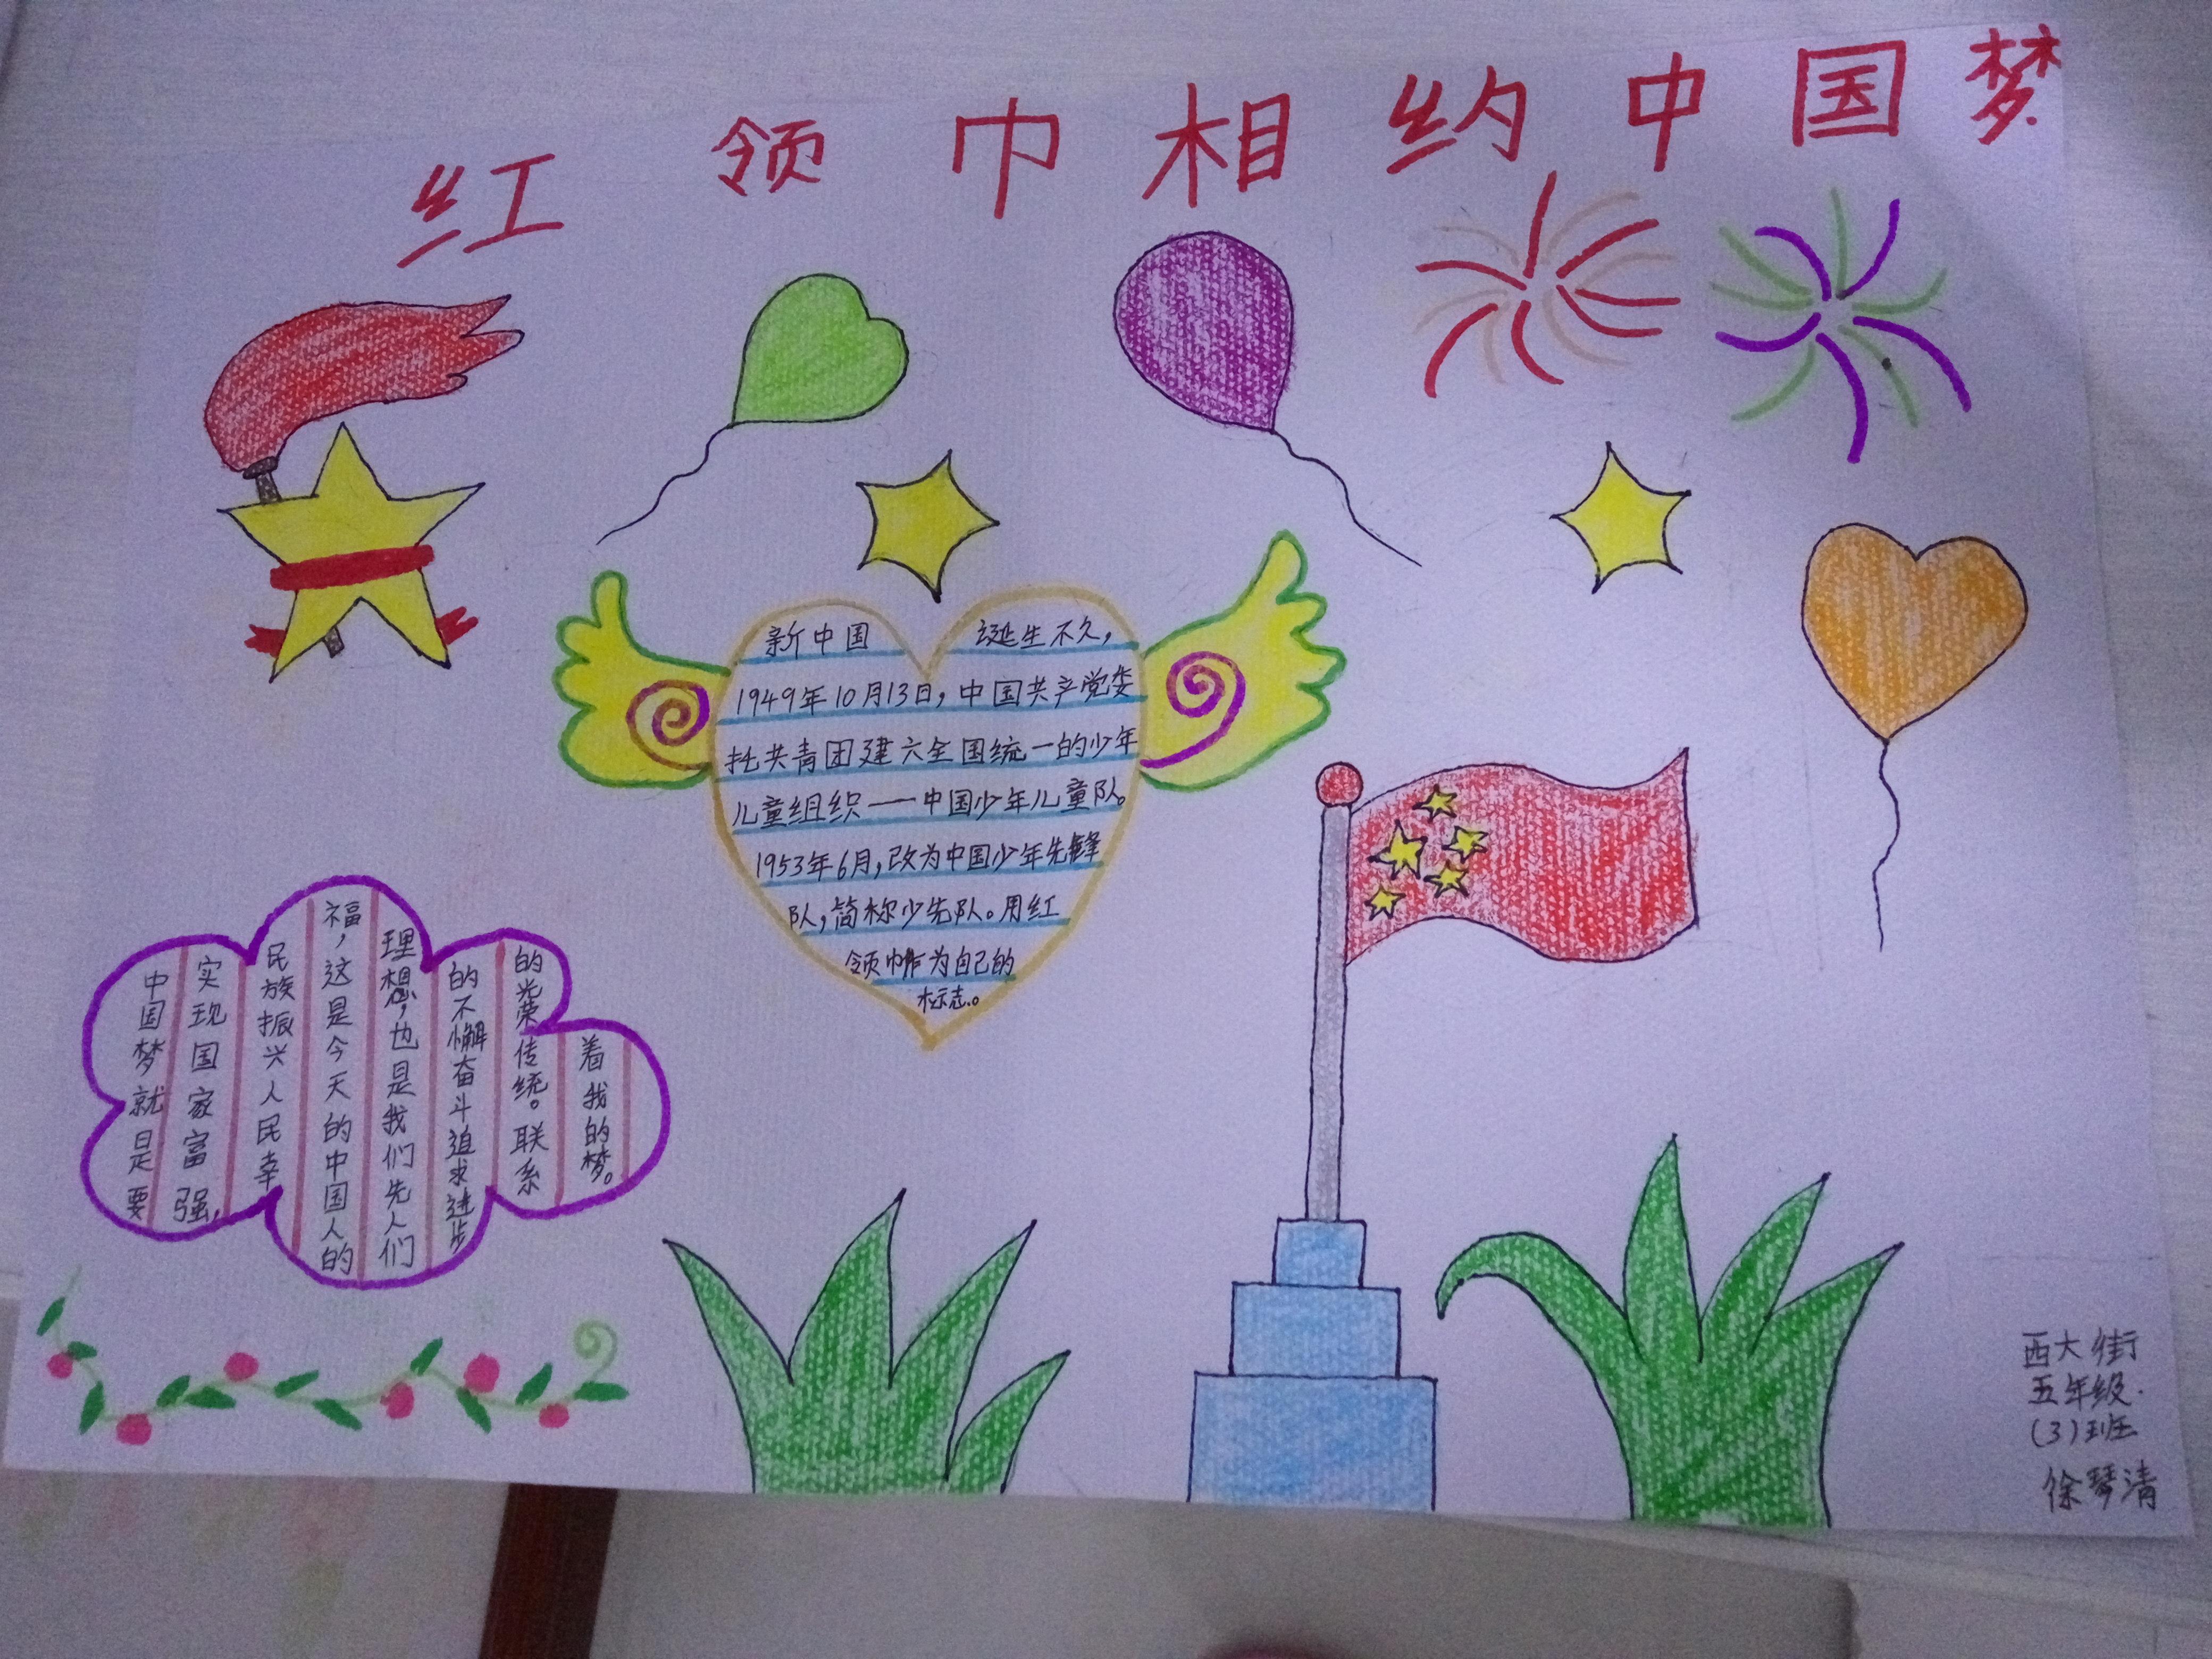 手抄报 - 儿童节创意游戏设计